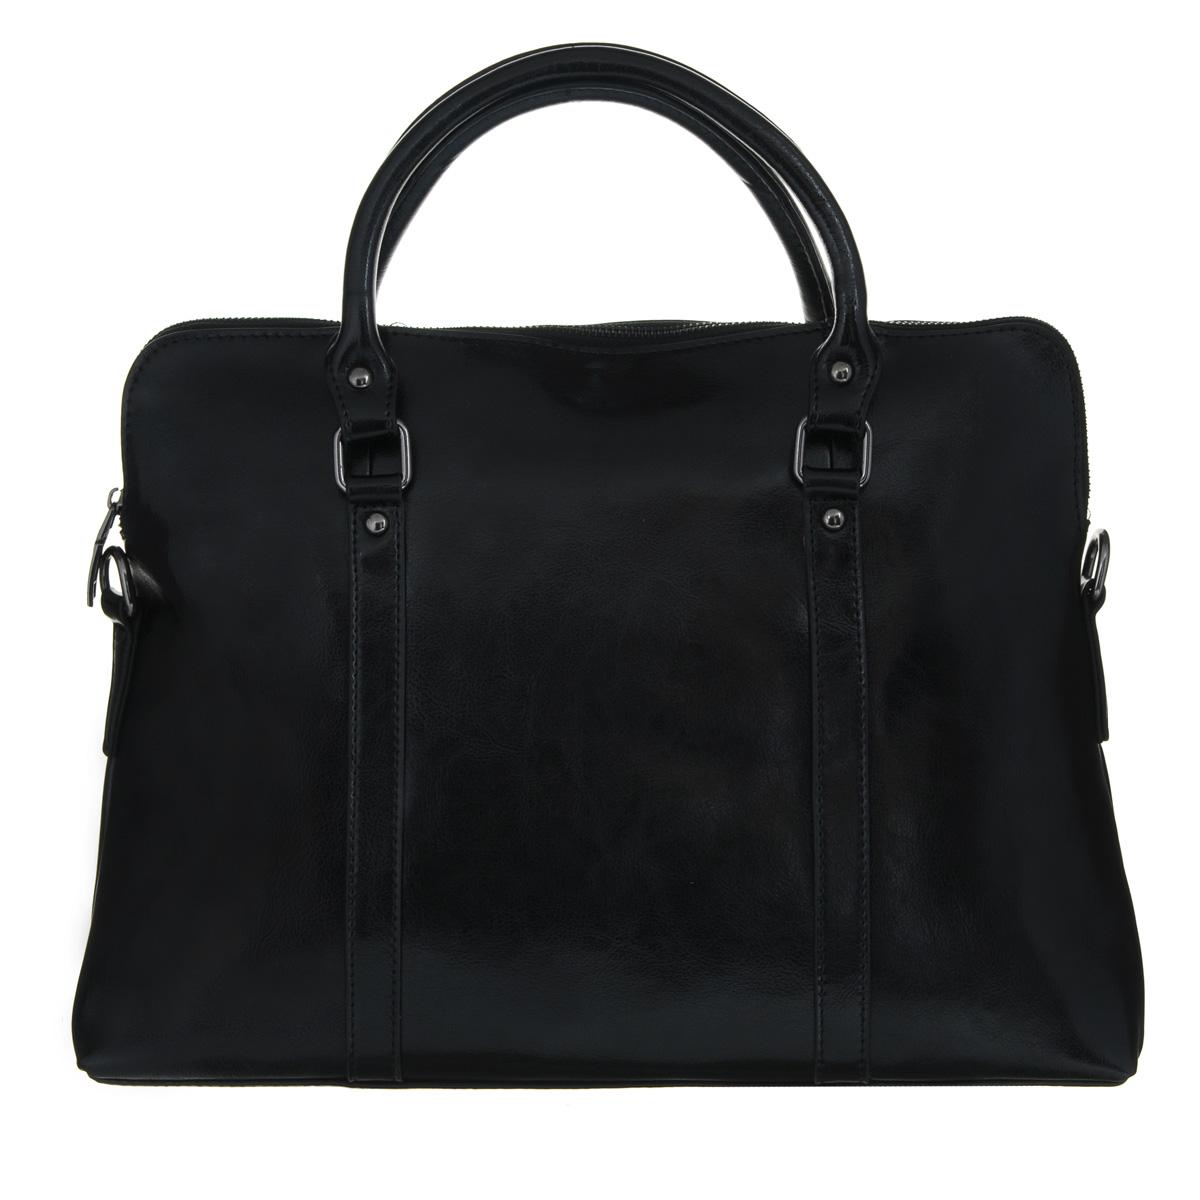 2016-04 - Fancy bag / Fancys Bag2016-04Классическая женская сумка Fancys Bag изготовлена из натуральной кожи и...